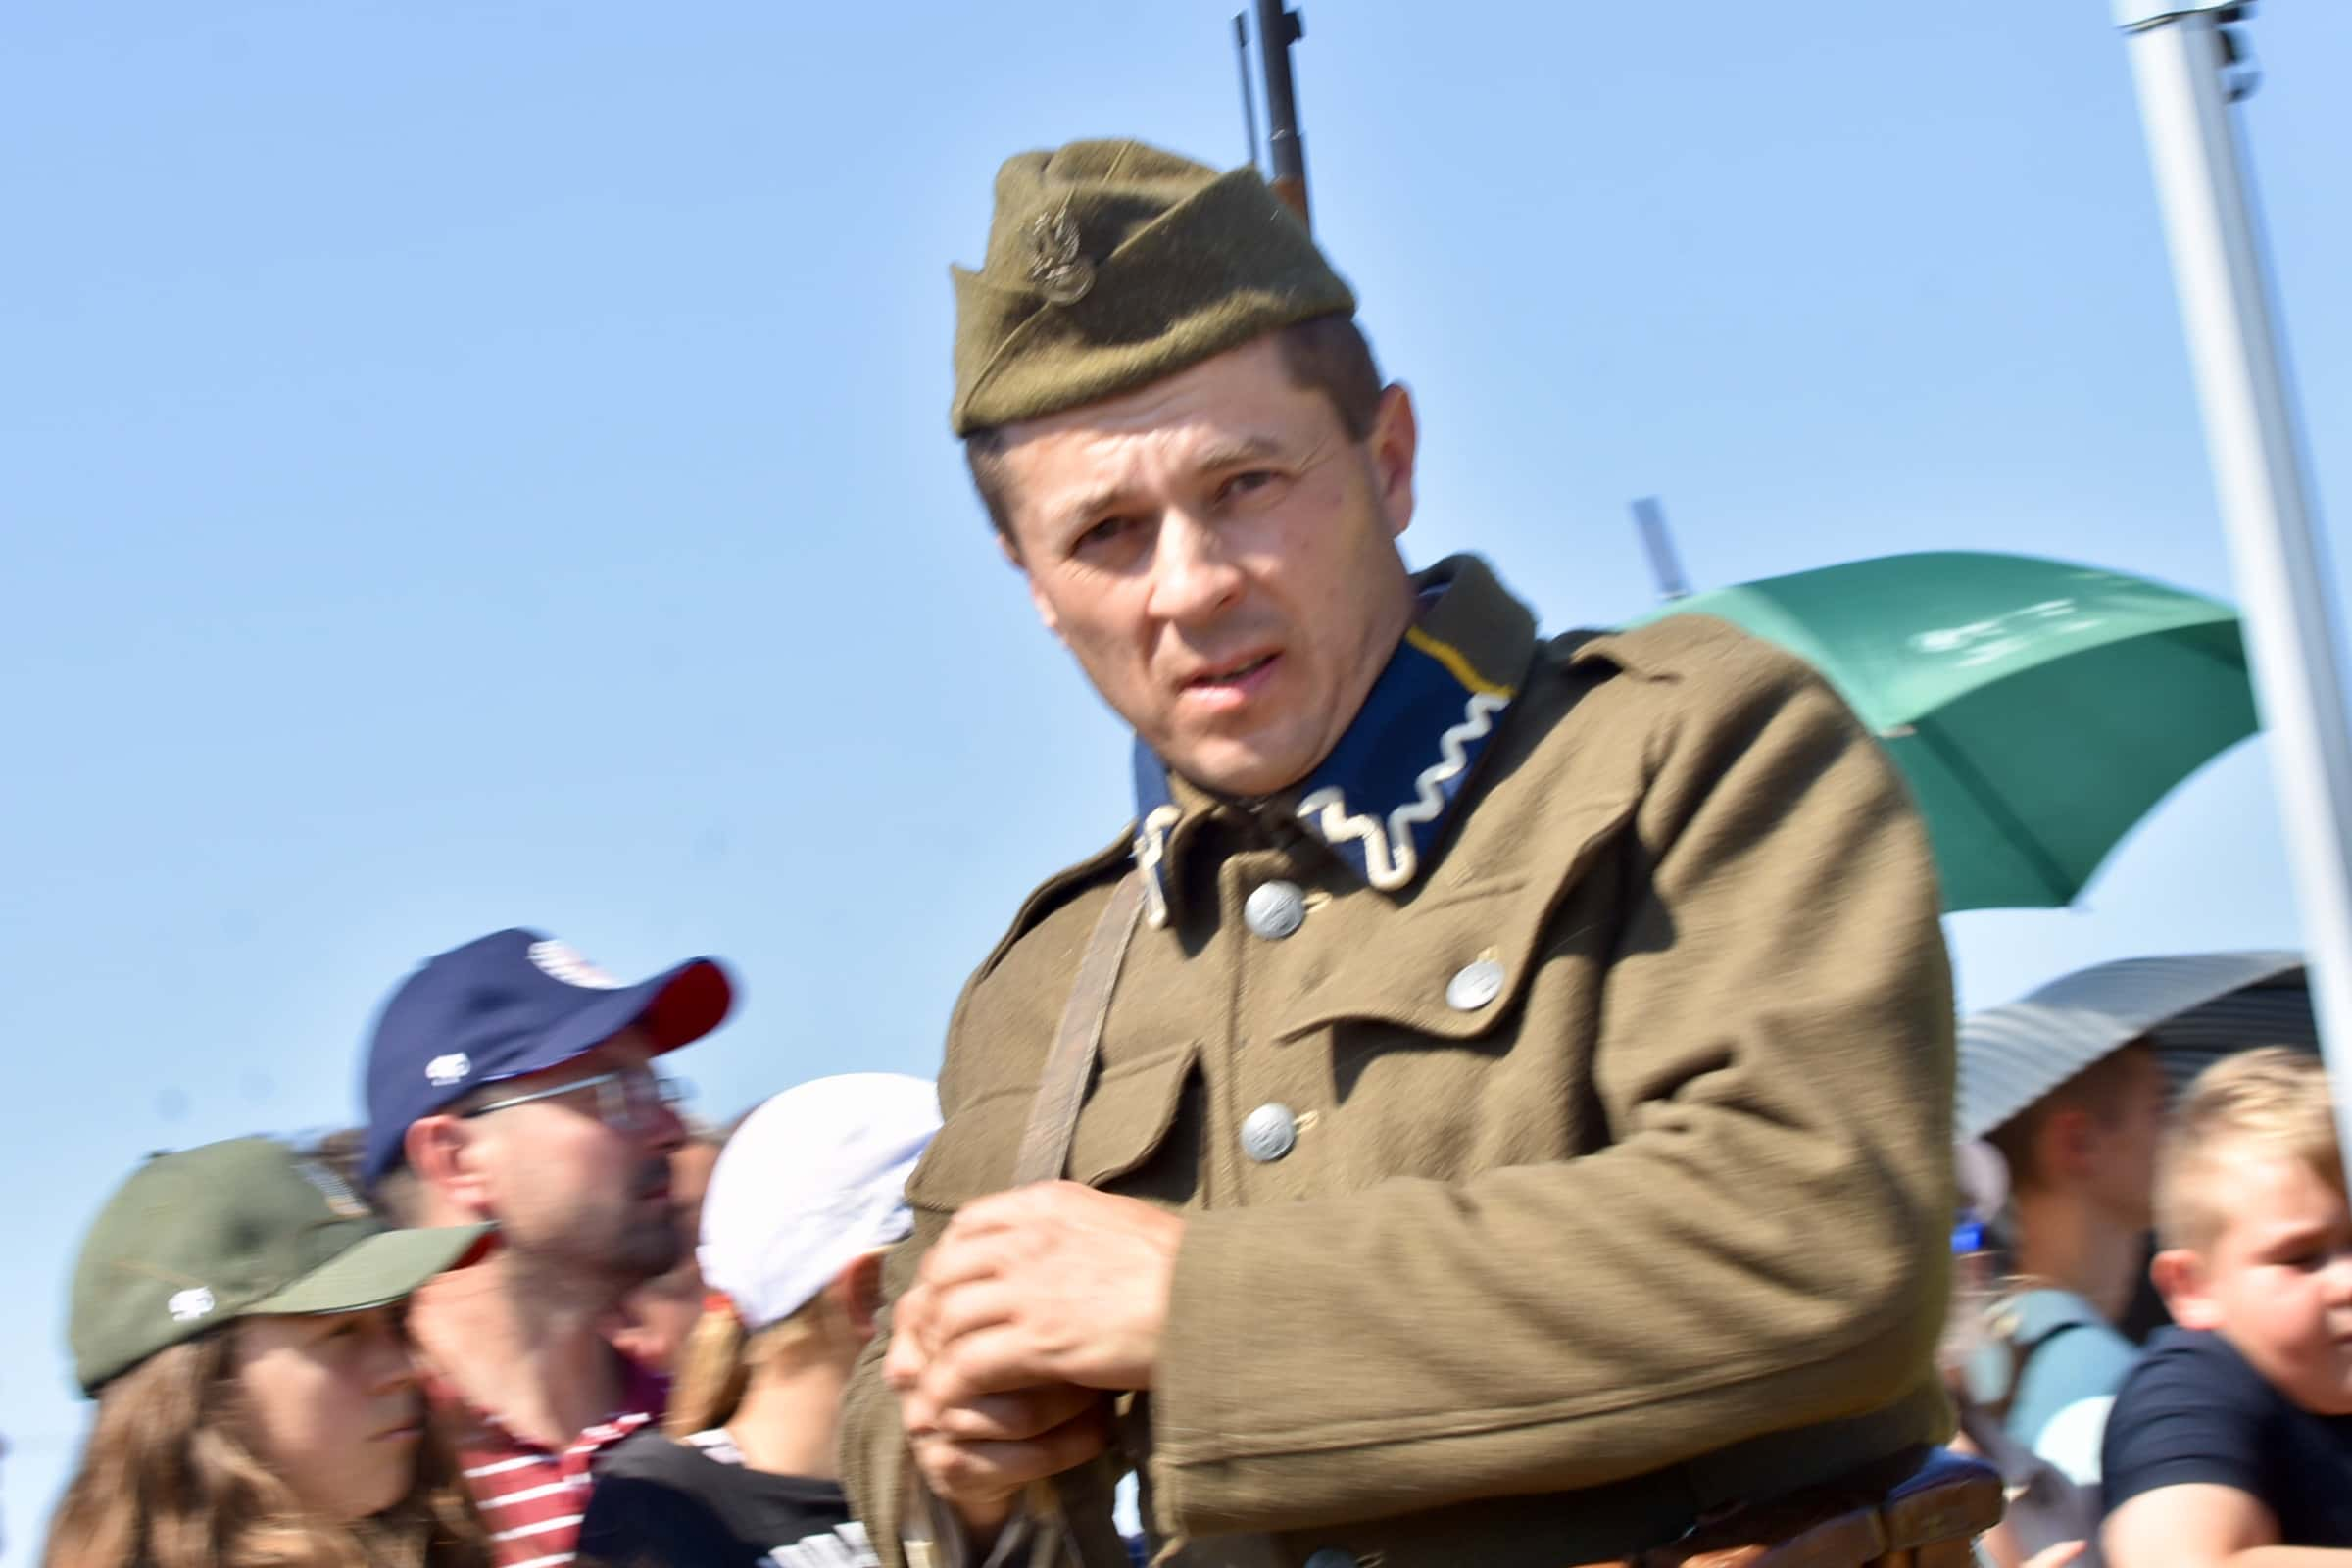 dsc 0544 Czas szabli - 100 rocznica bitwy pod Komarowem(zdjęcia)